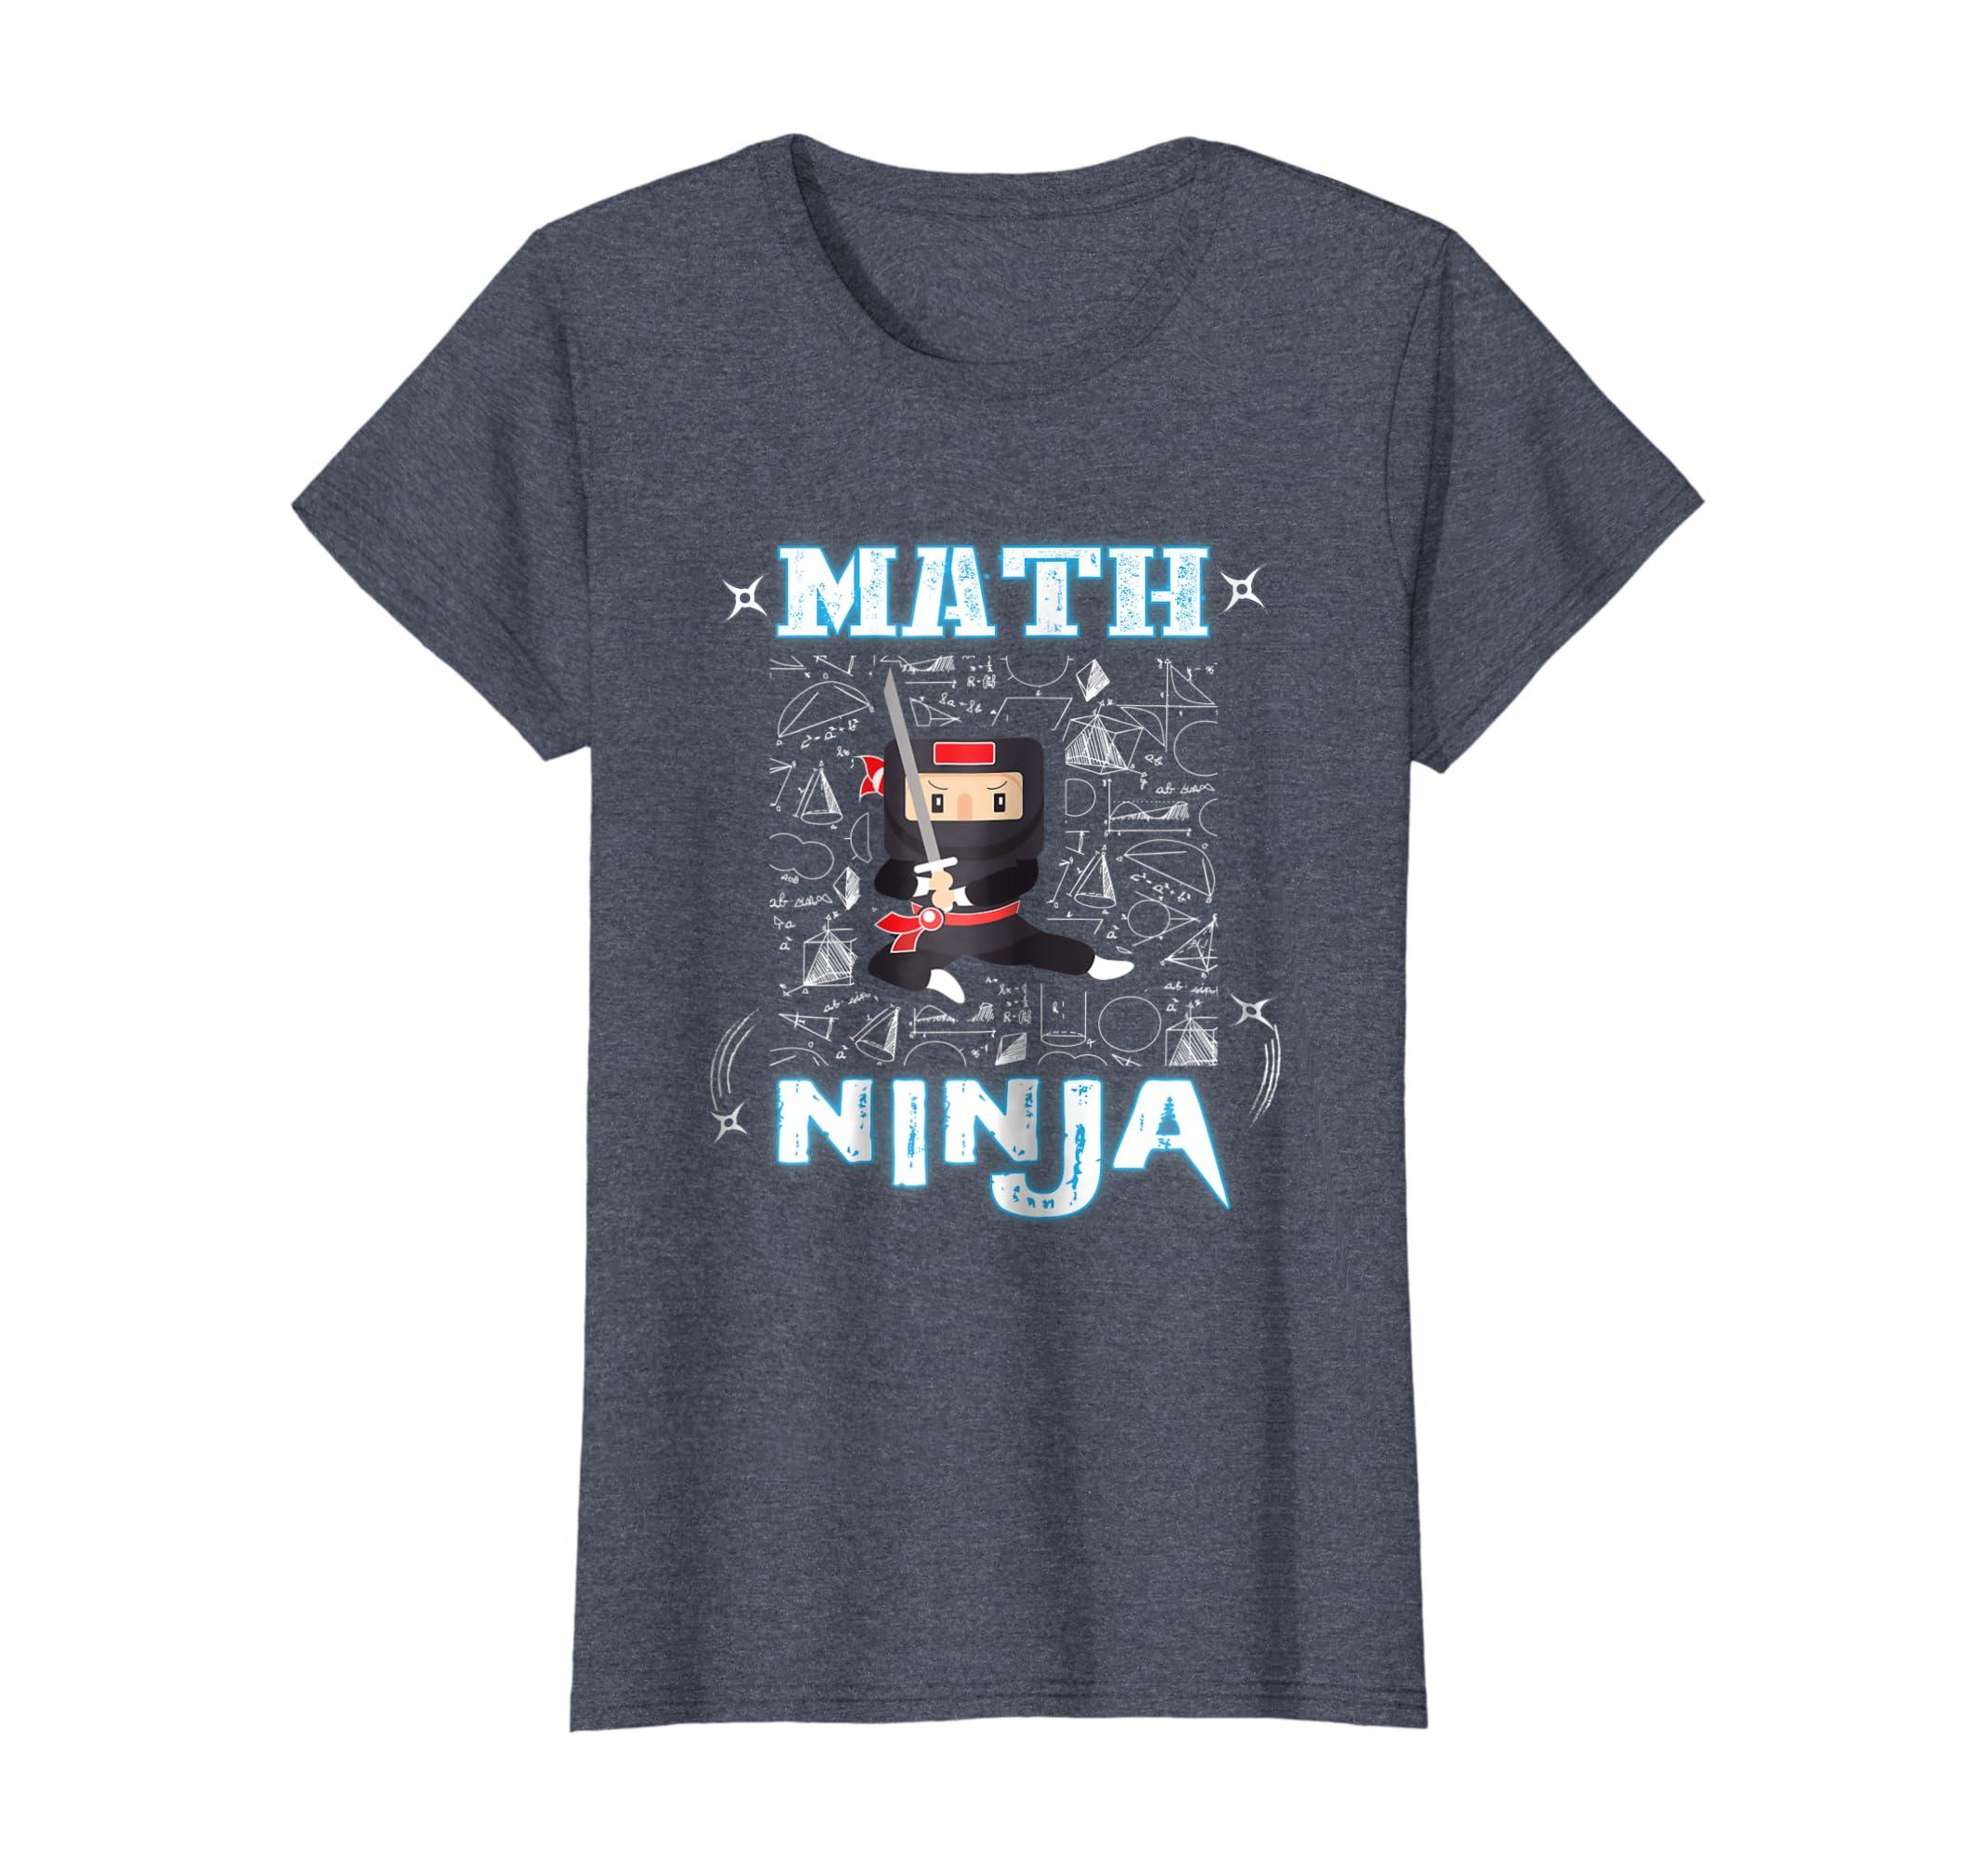 Amazon.com: Real Math Ninja - Cool Maths Tee for Kids ...